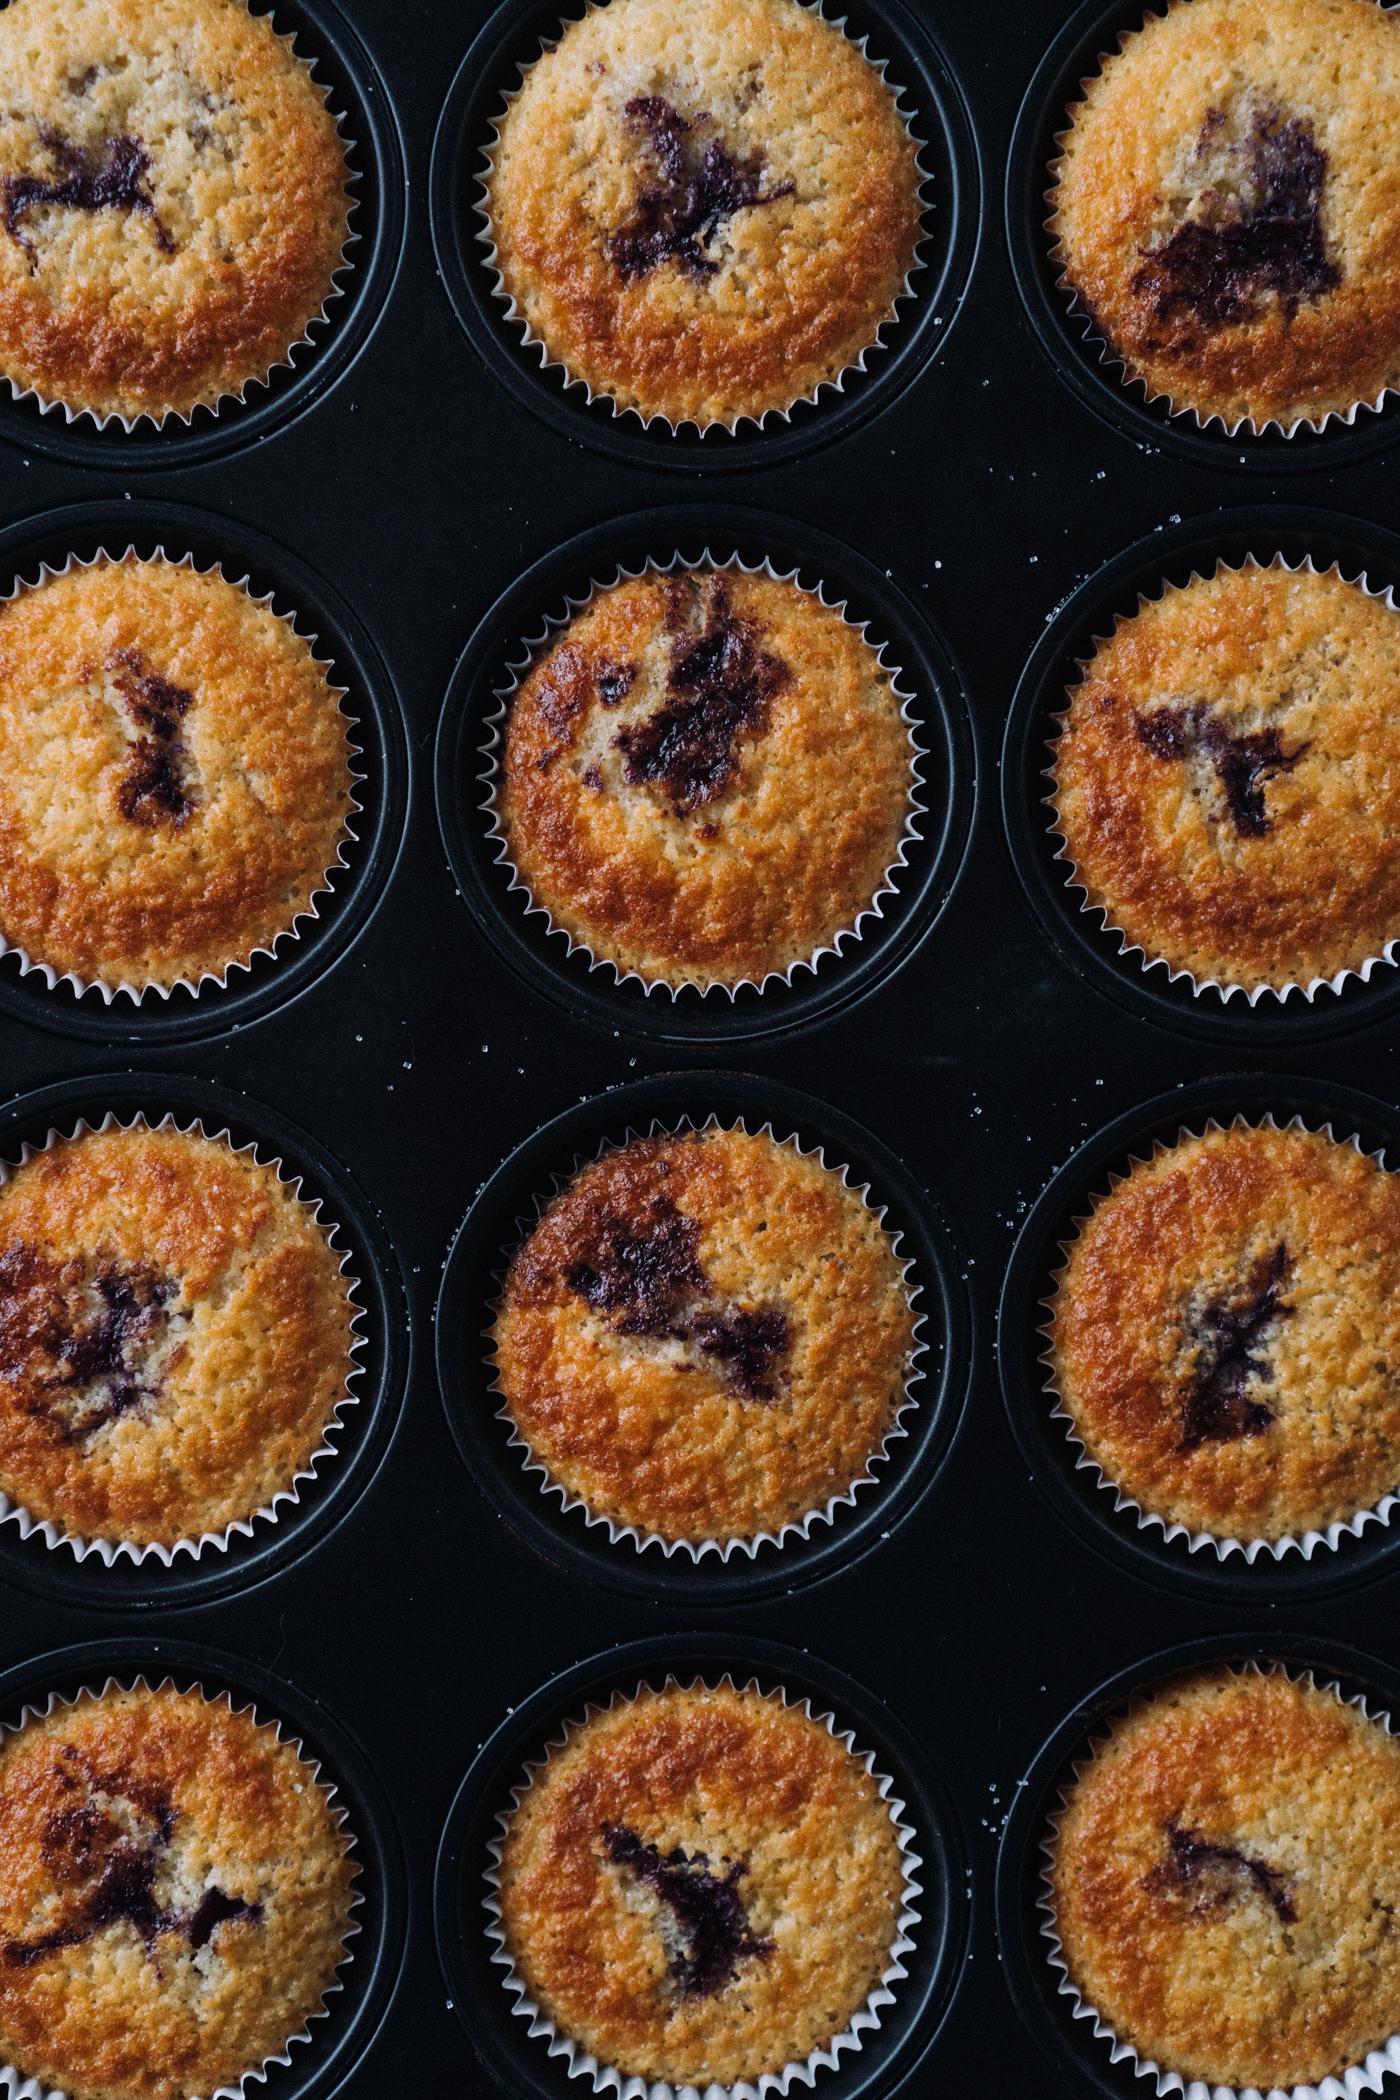 blueberry_almond_muffins-6.jpg